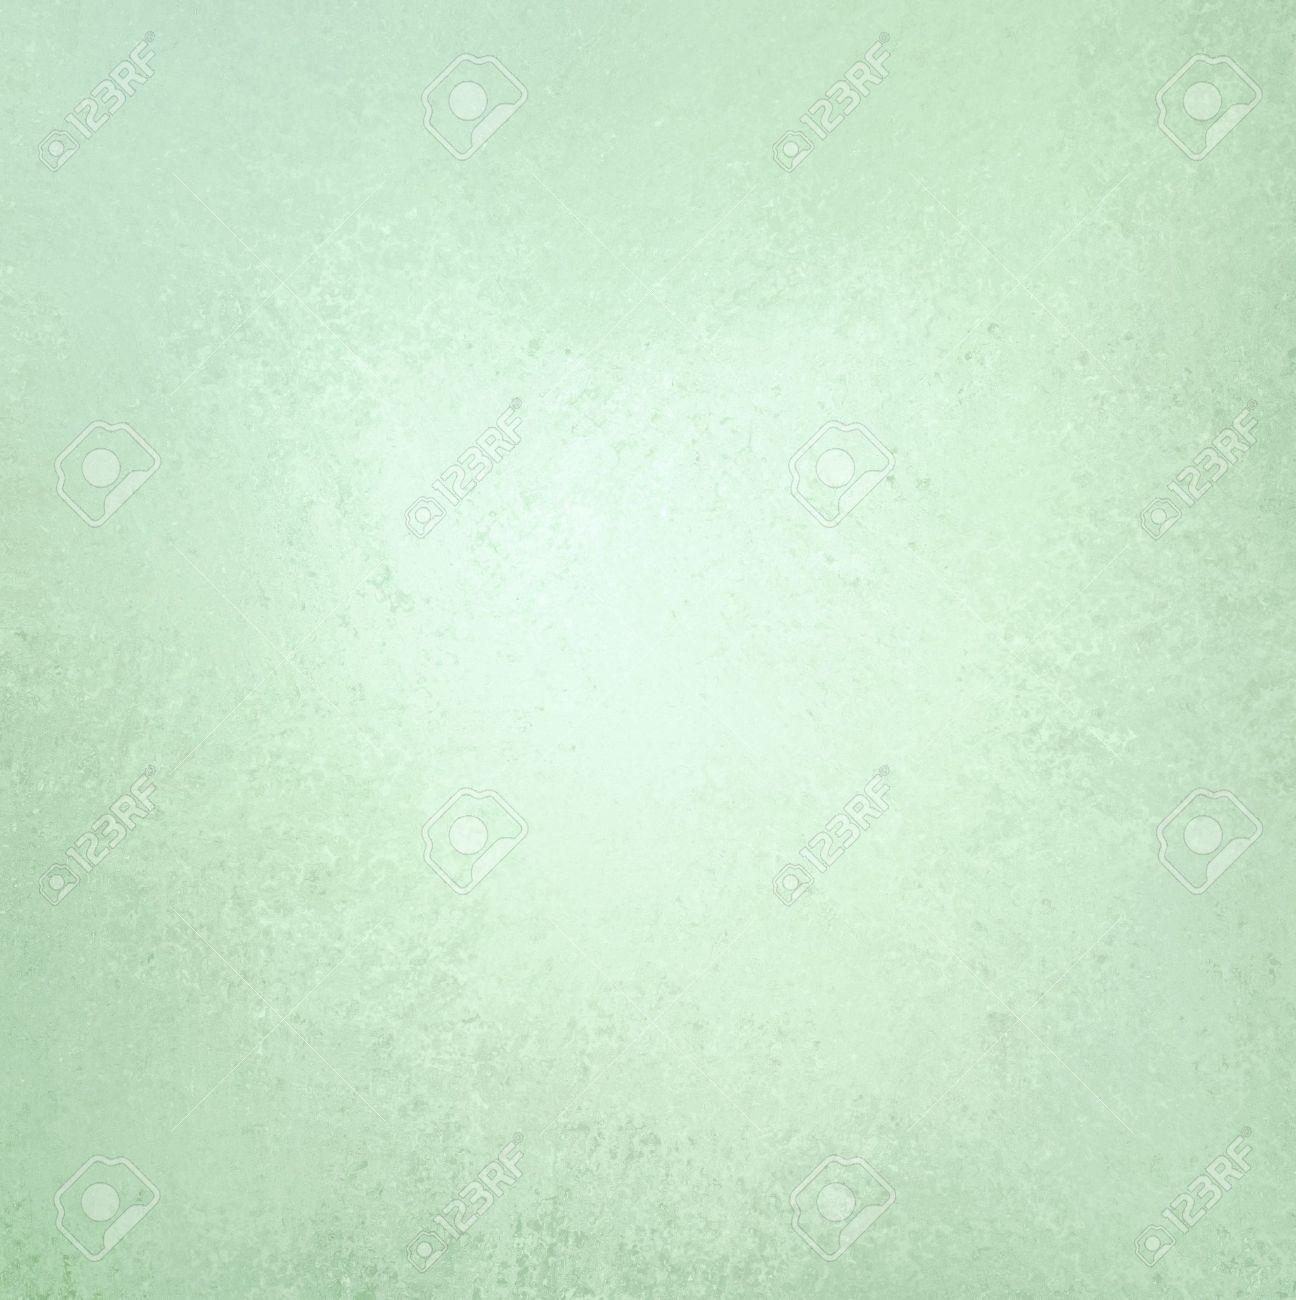 ciel bleu pale sur fond vert avec une texture pastel vintage background grunge et de lumiere conception solide fond blanc mur ou papier ordinaire